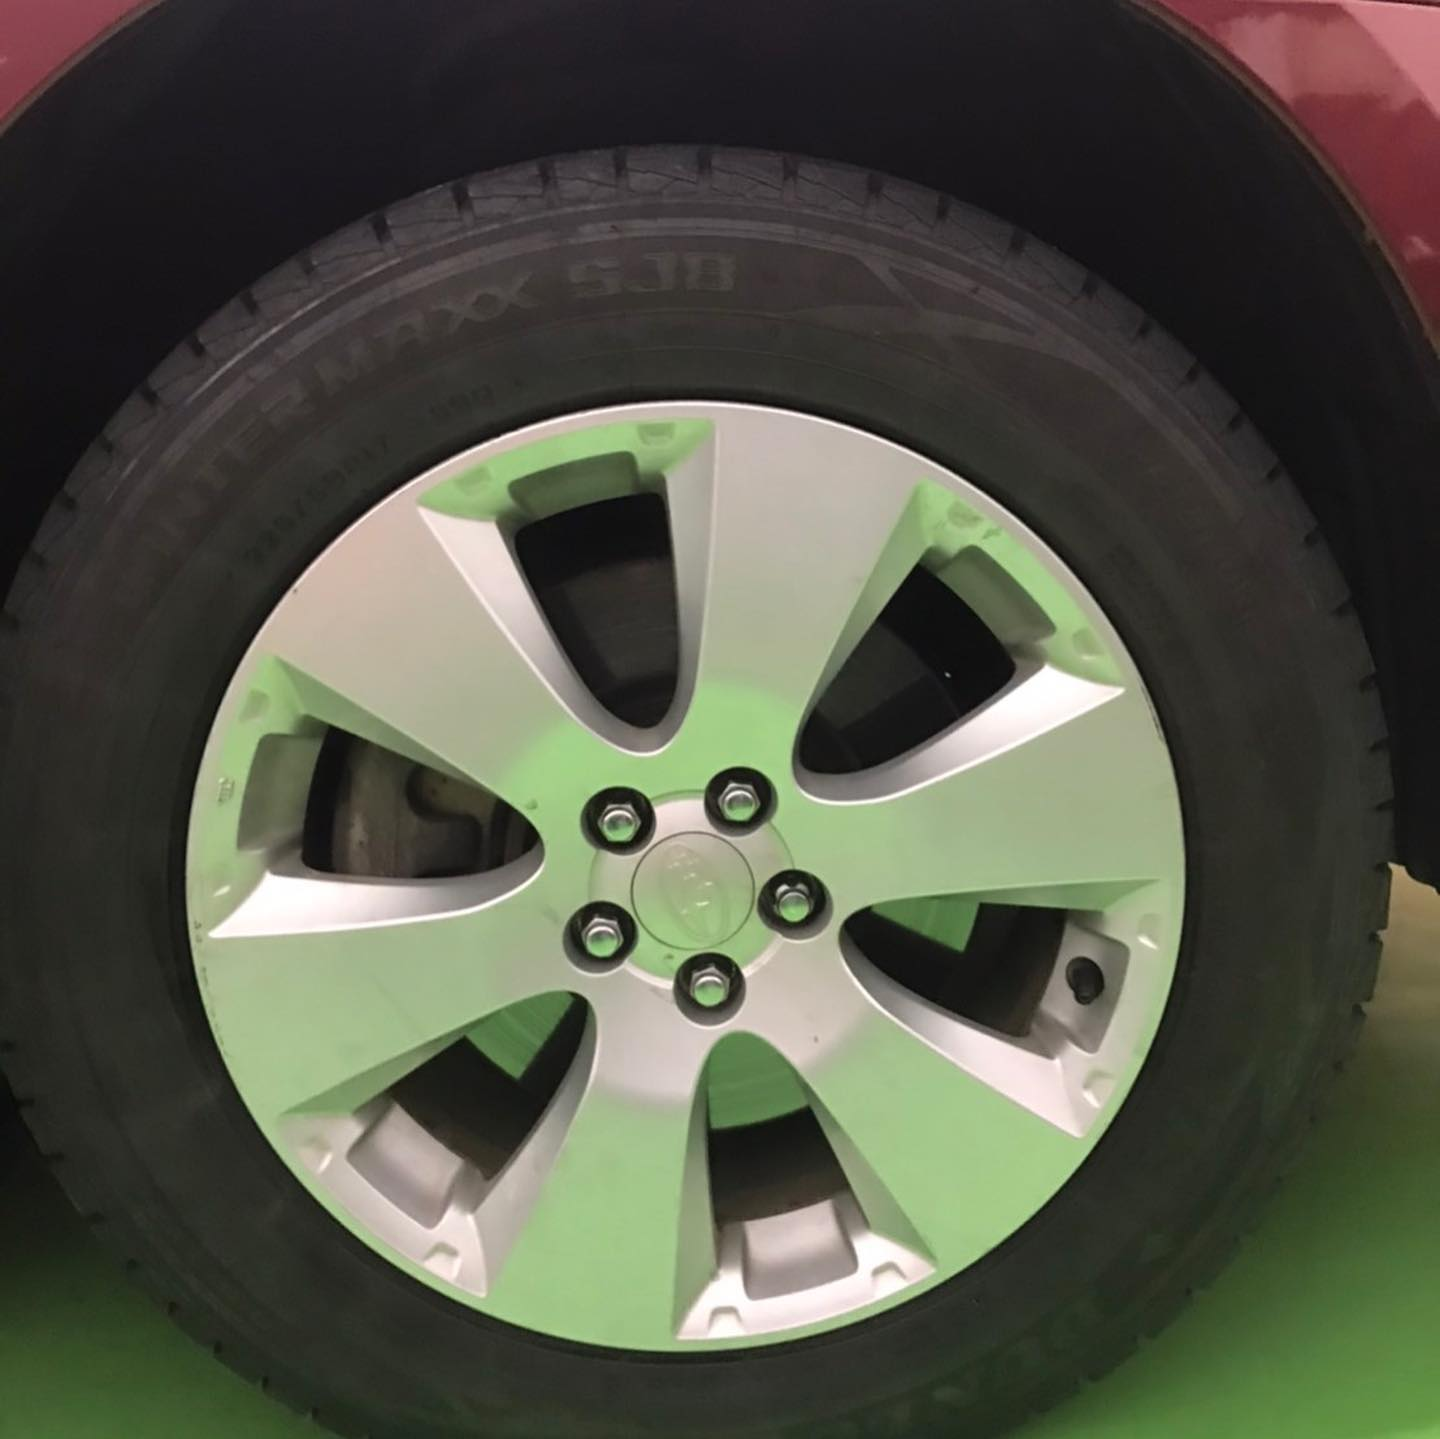 【話題の節約術】タイヤ持ち込み交換 シェル セルフニューハートSS スバル  レガシィ  225/60R17 4本 7000円